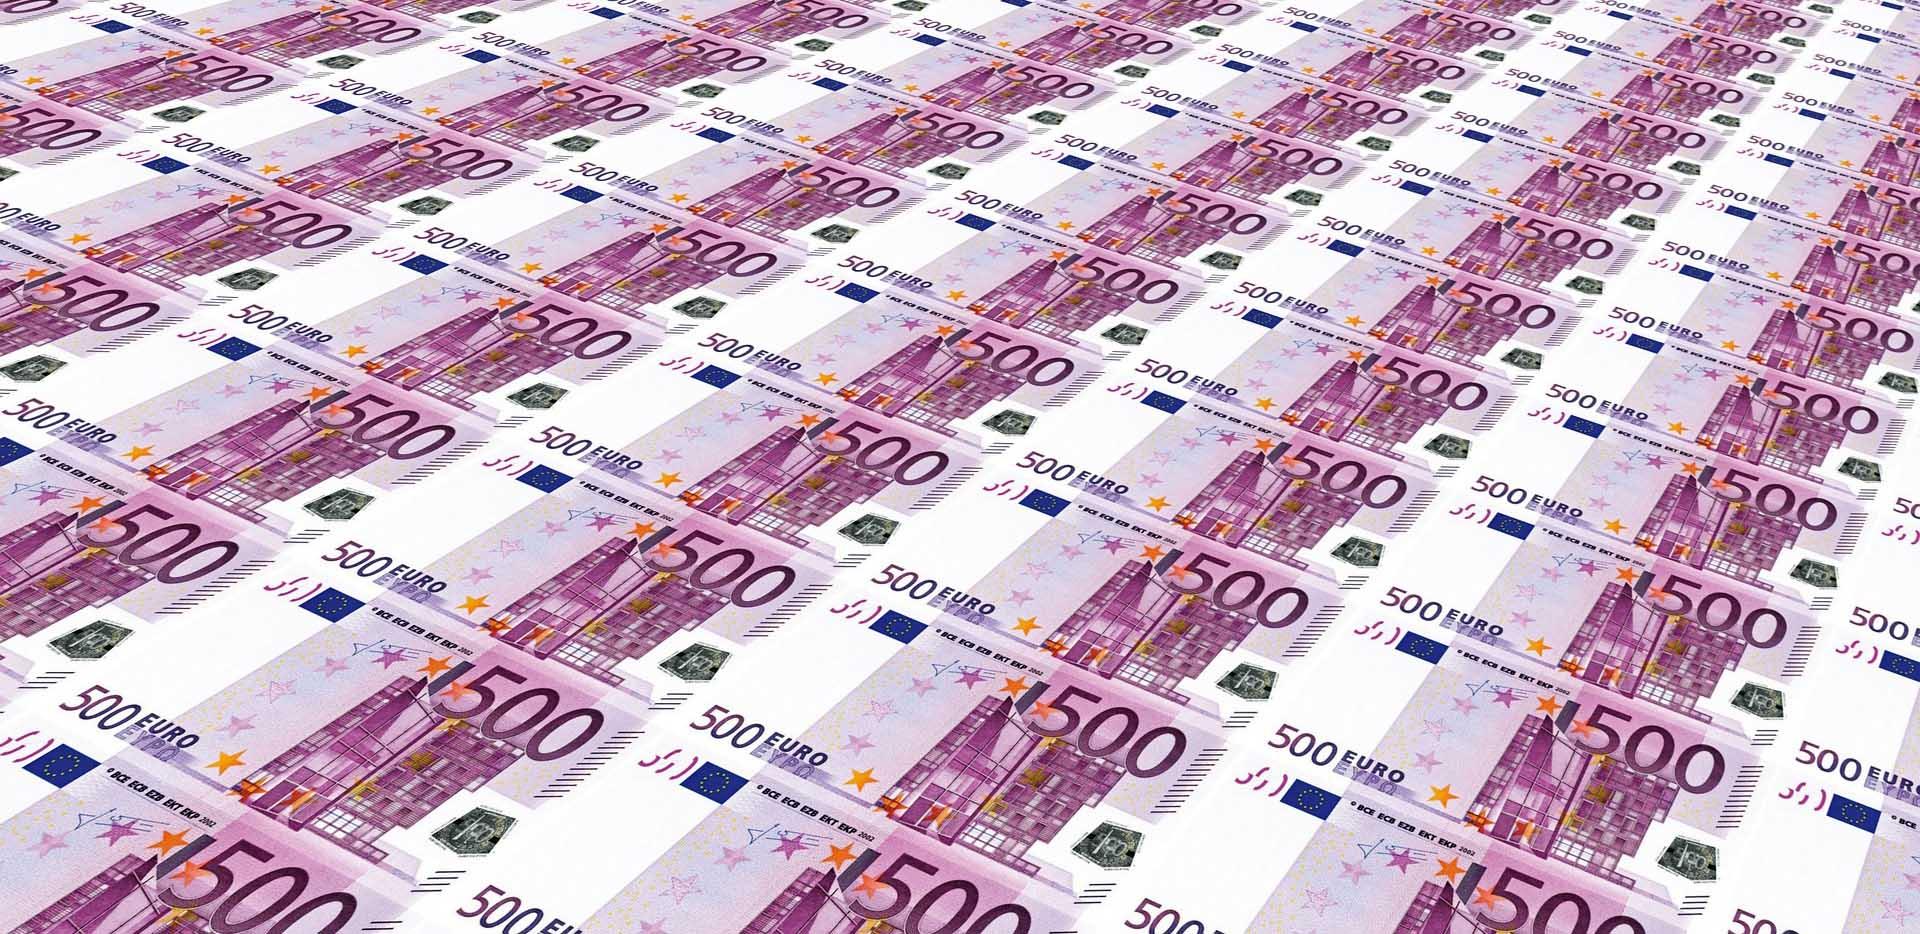 denaro soldi biglietto 500 euro tappeto foglio stampa